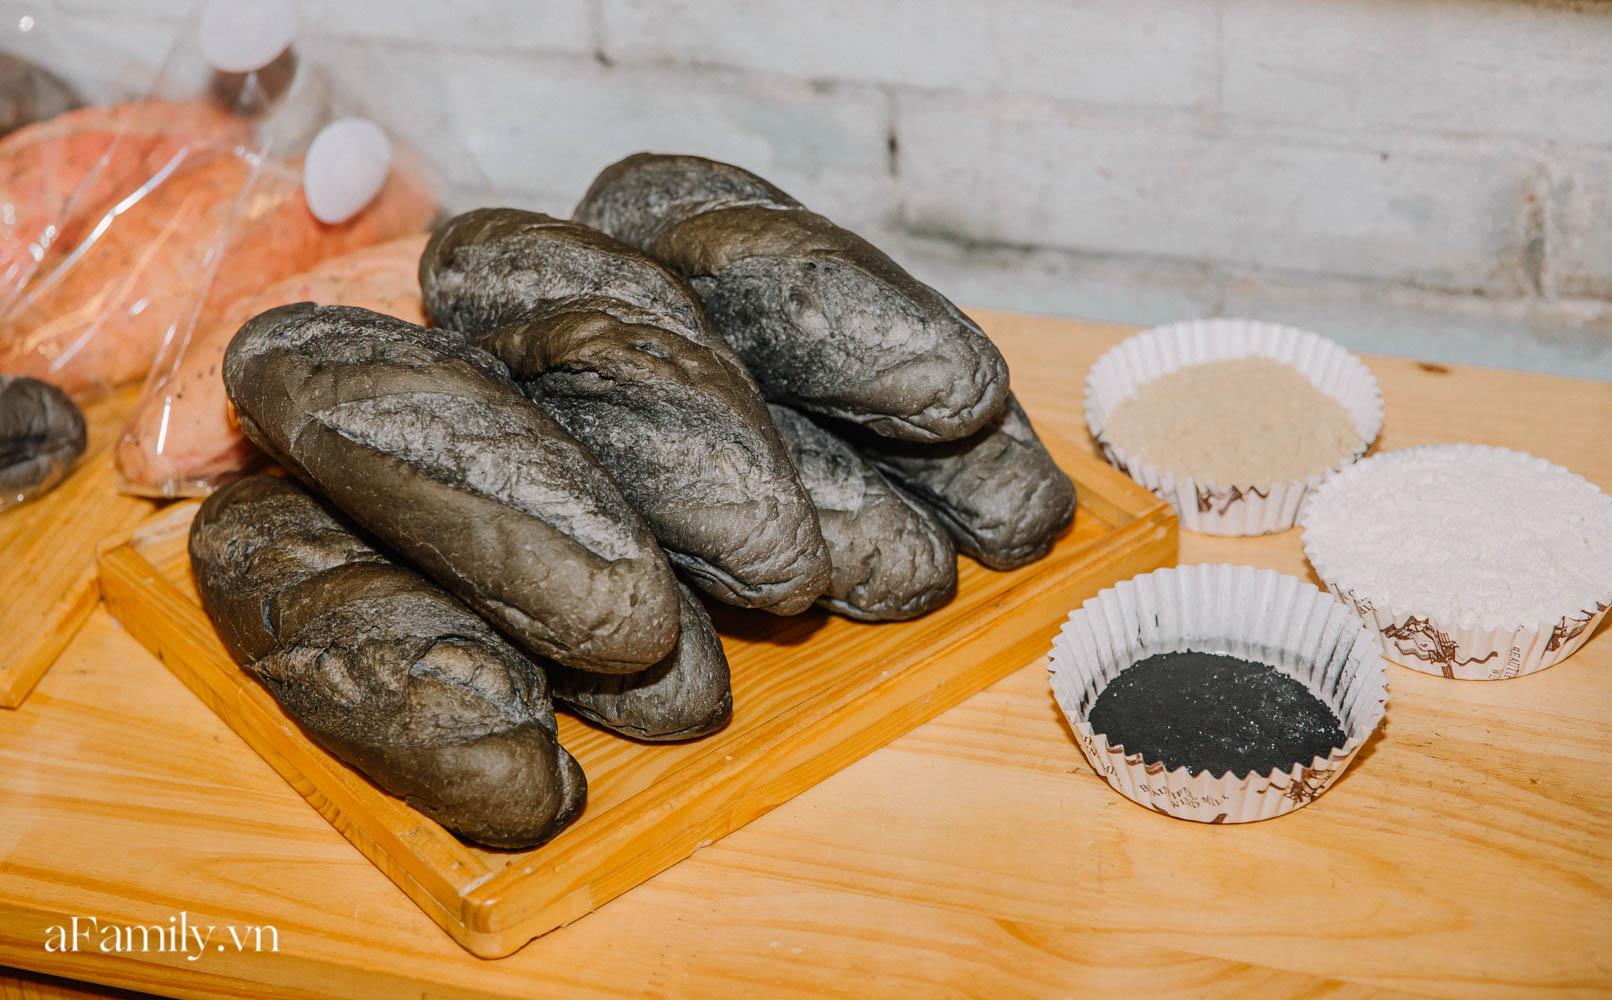 """Bánh mì đen đang """"gây bão"""" bất ngờ xuất hiện tại Hà Nội, hút khách đến độ mới mẻ đầu tiên đã hết bay trong vài giờ mở bán - Ảnh 1."""